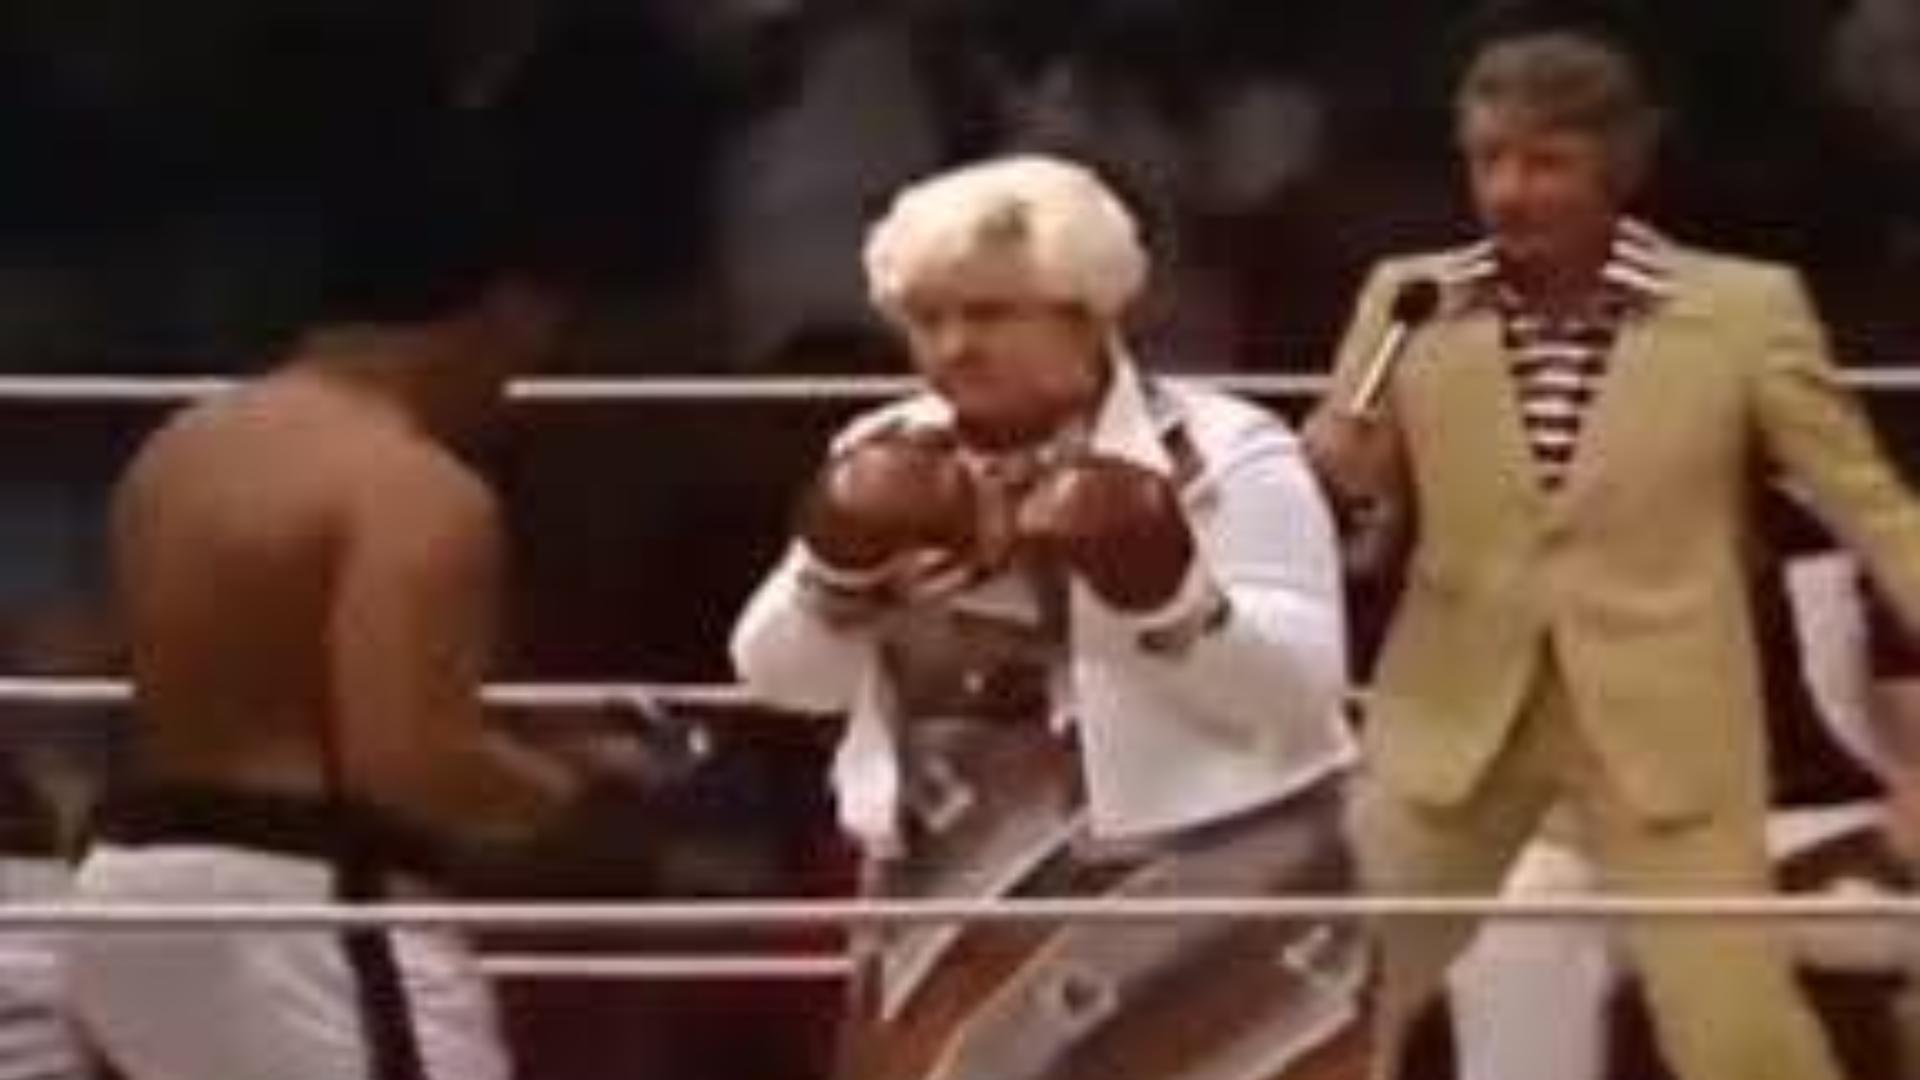 拳王阿里被老太太吓得腿哆嗦,这就是阿里的情商和魅力!